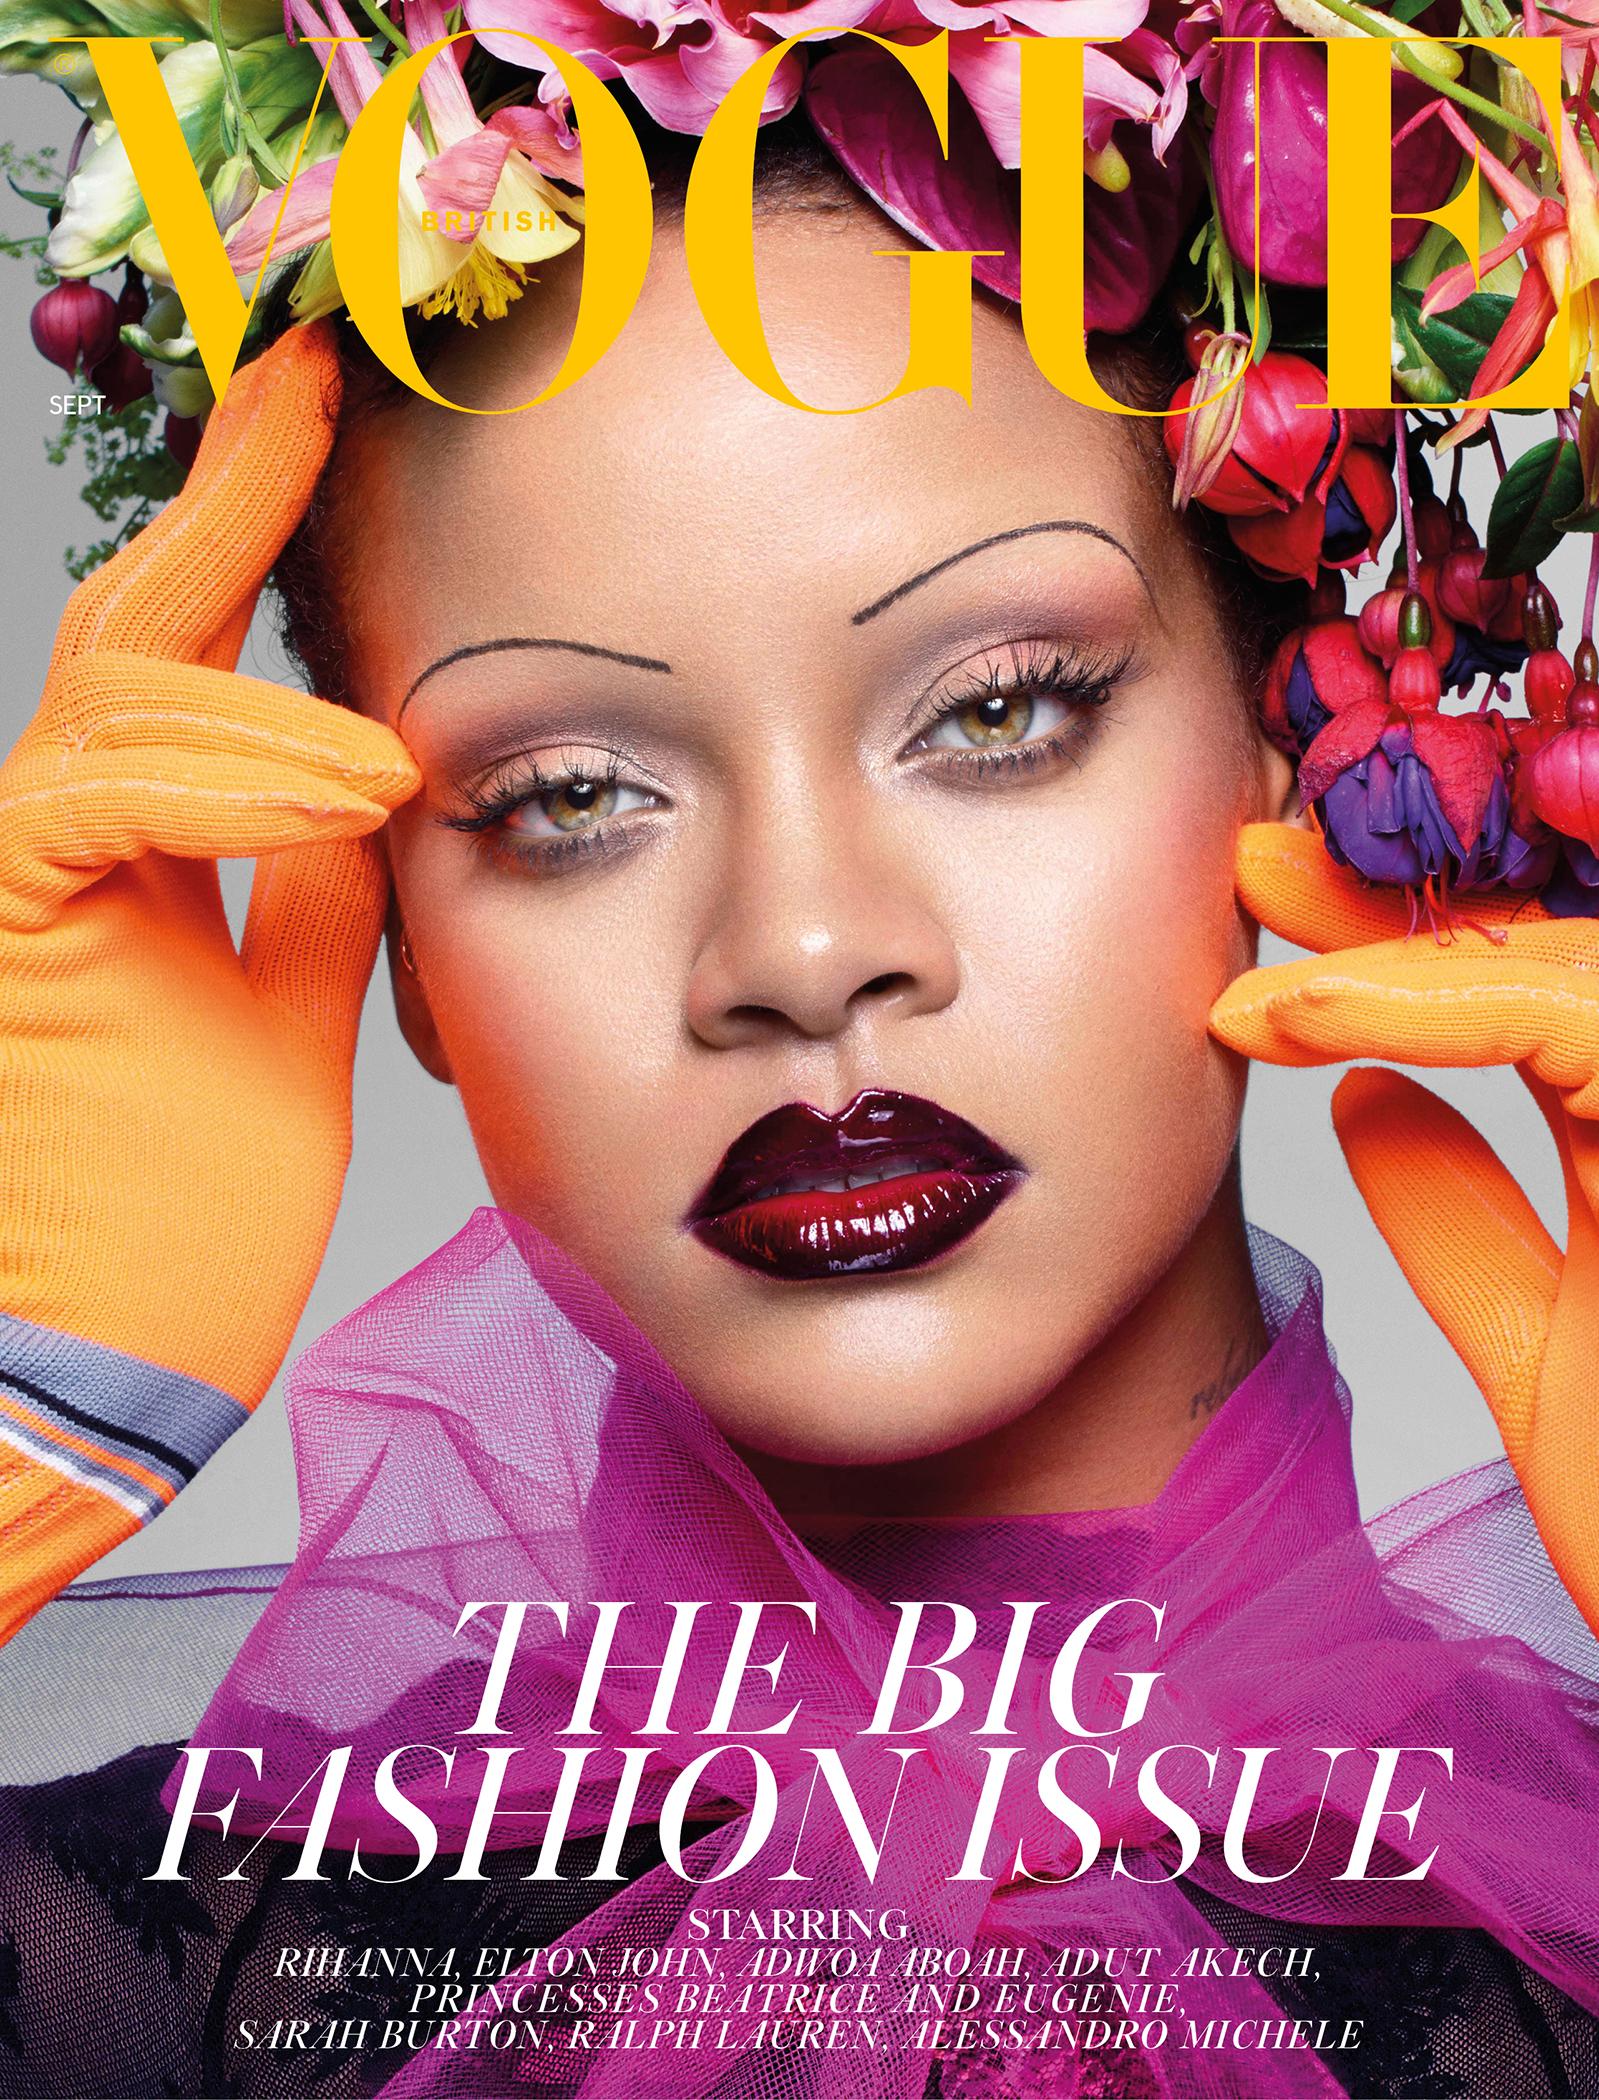 Αυτή η fan αντέγραψε με τον τελειότερο τρόπο την Rihanna στο εξώφυλλο της βρετανικής Vogue! | tlife.gr